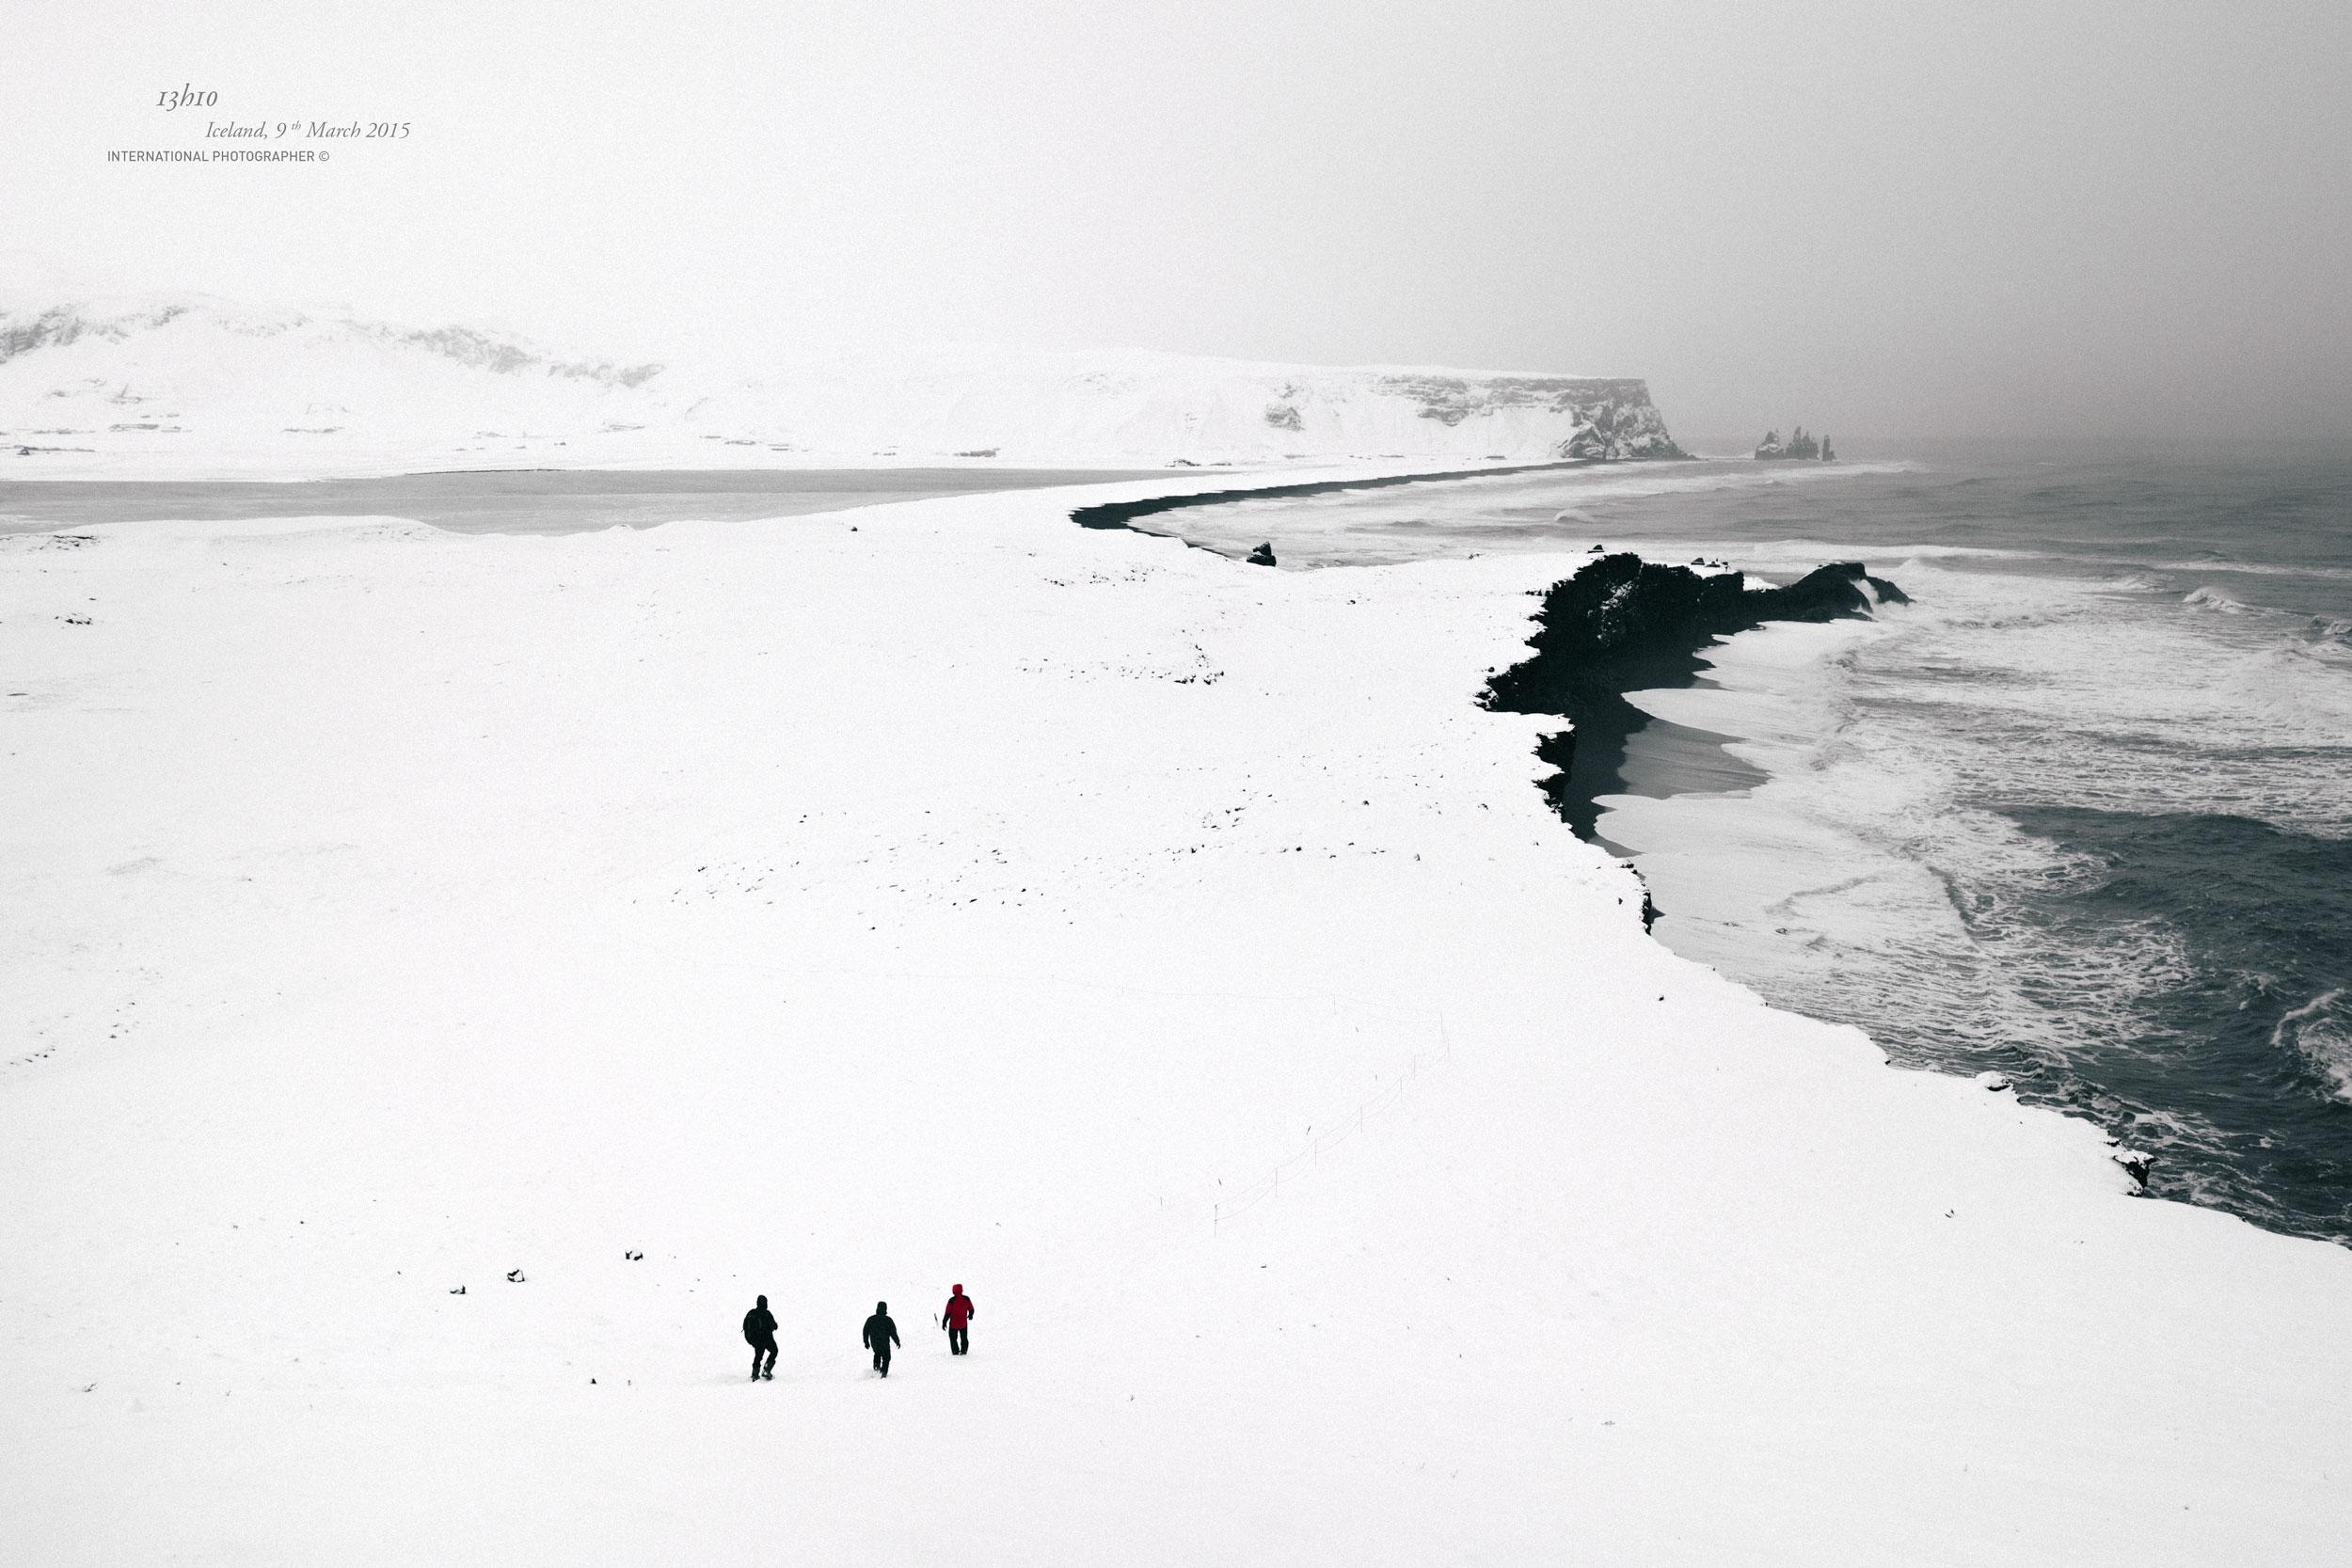 3 randonneurs descendent la colline de Dyrholaey